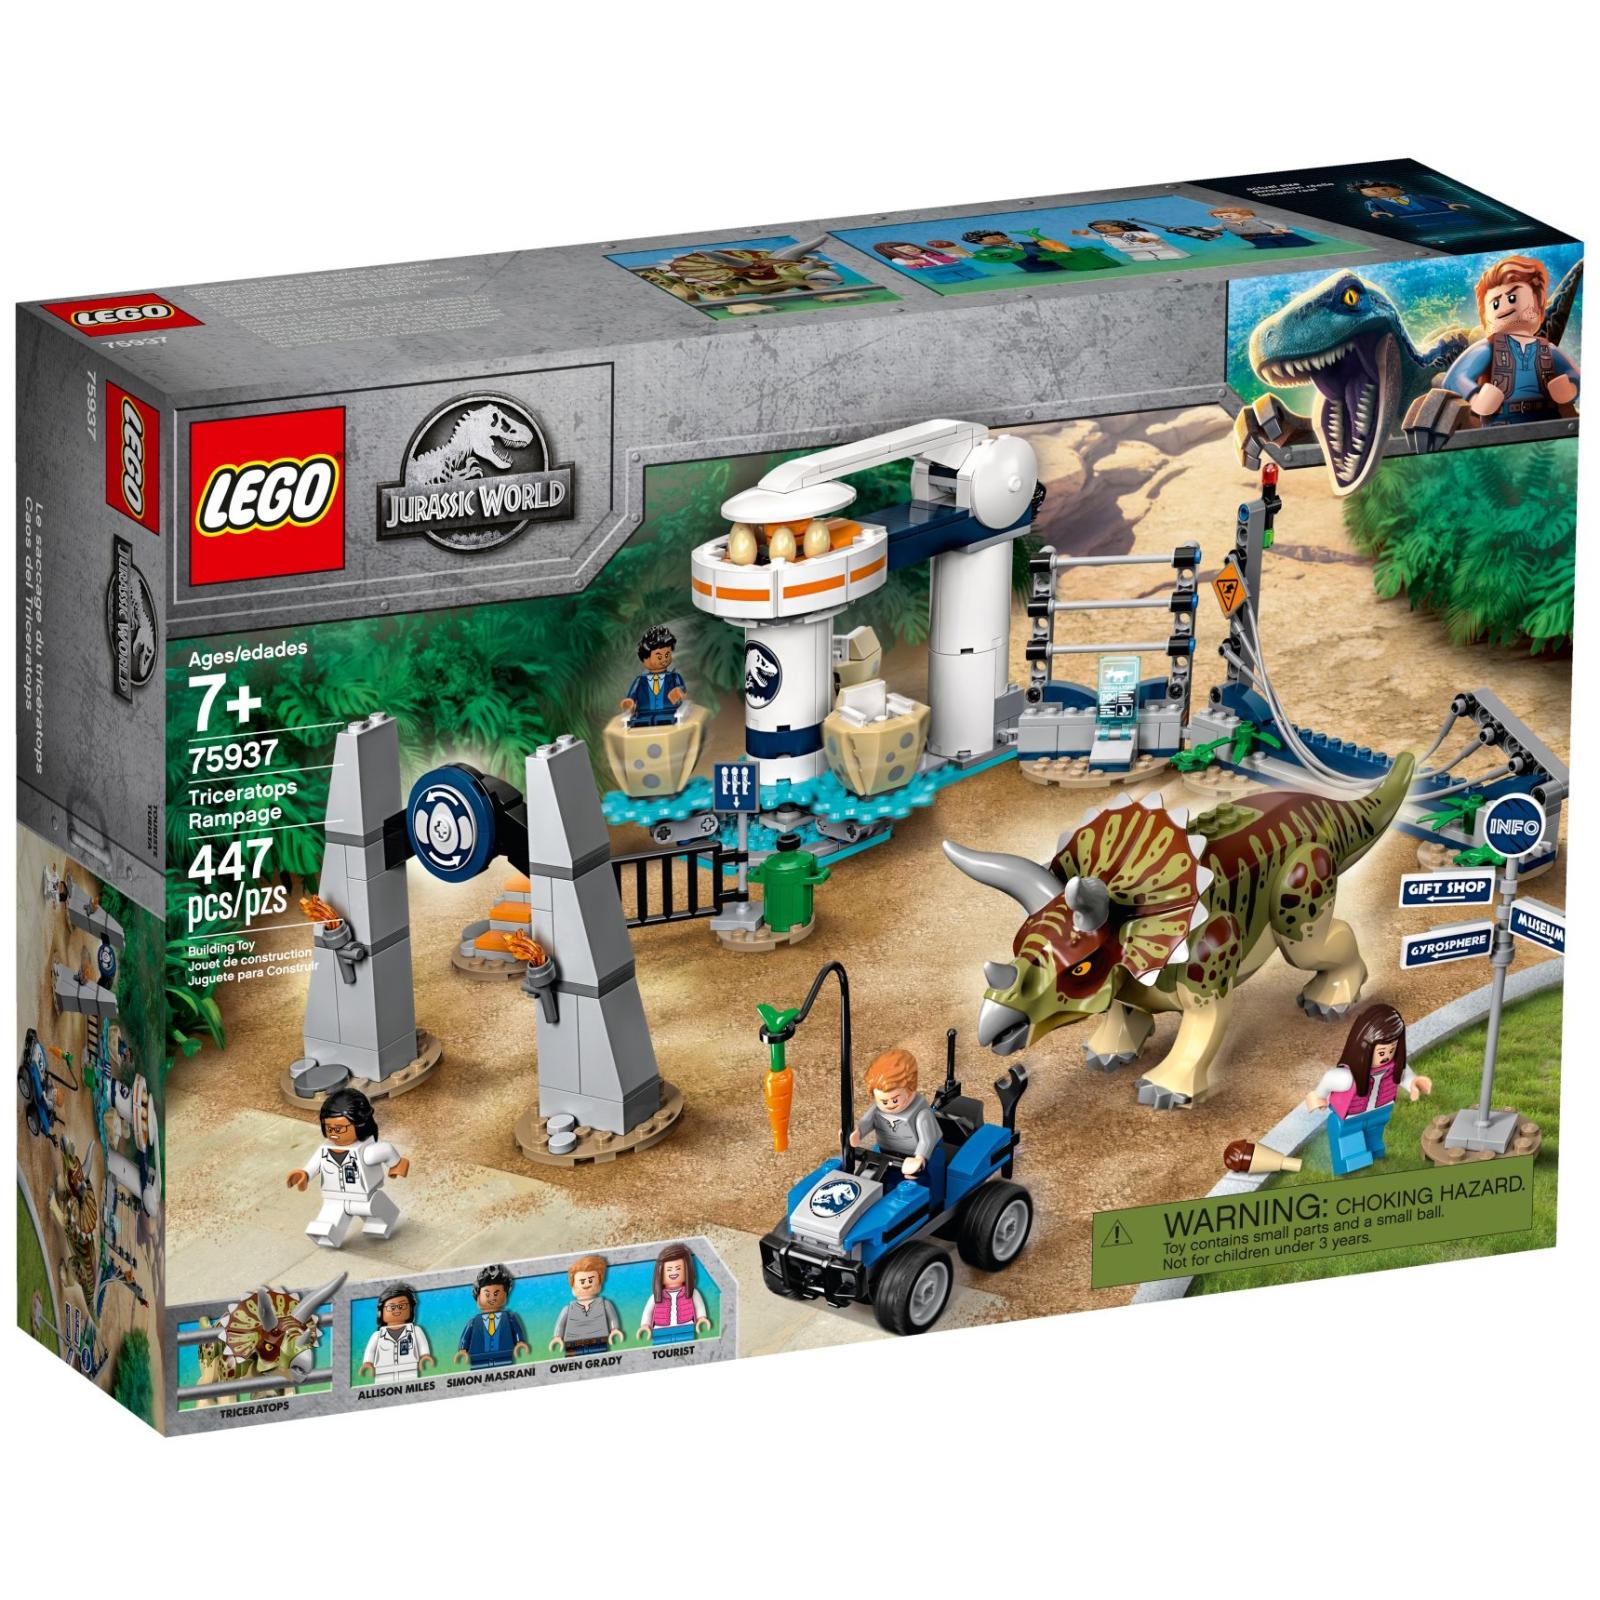 Конструктор LEGO LEGO Jurassic World Нападение трицератопса 447 деталей (75937)